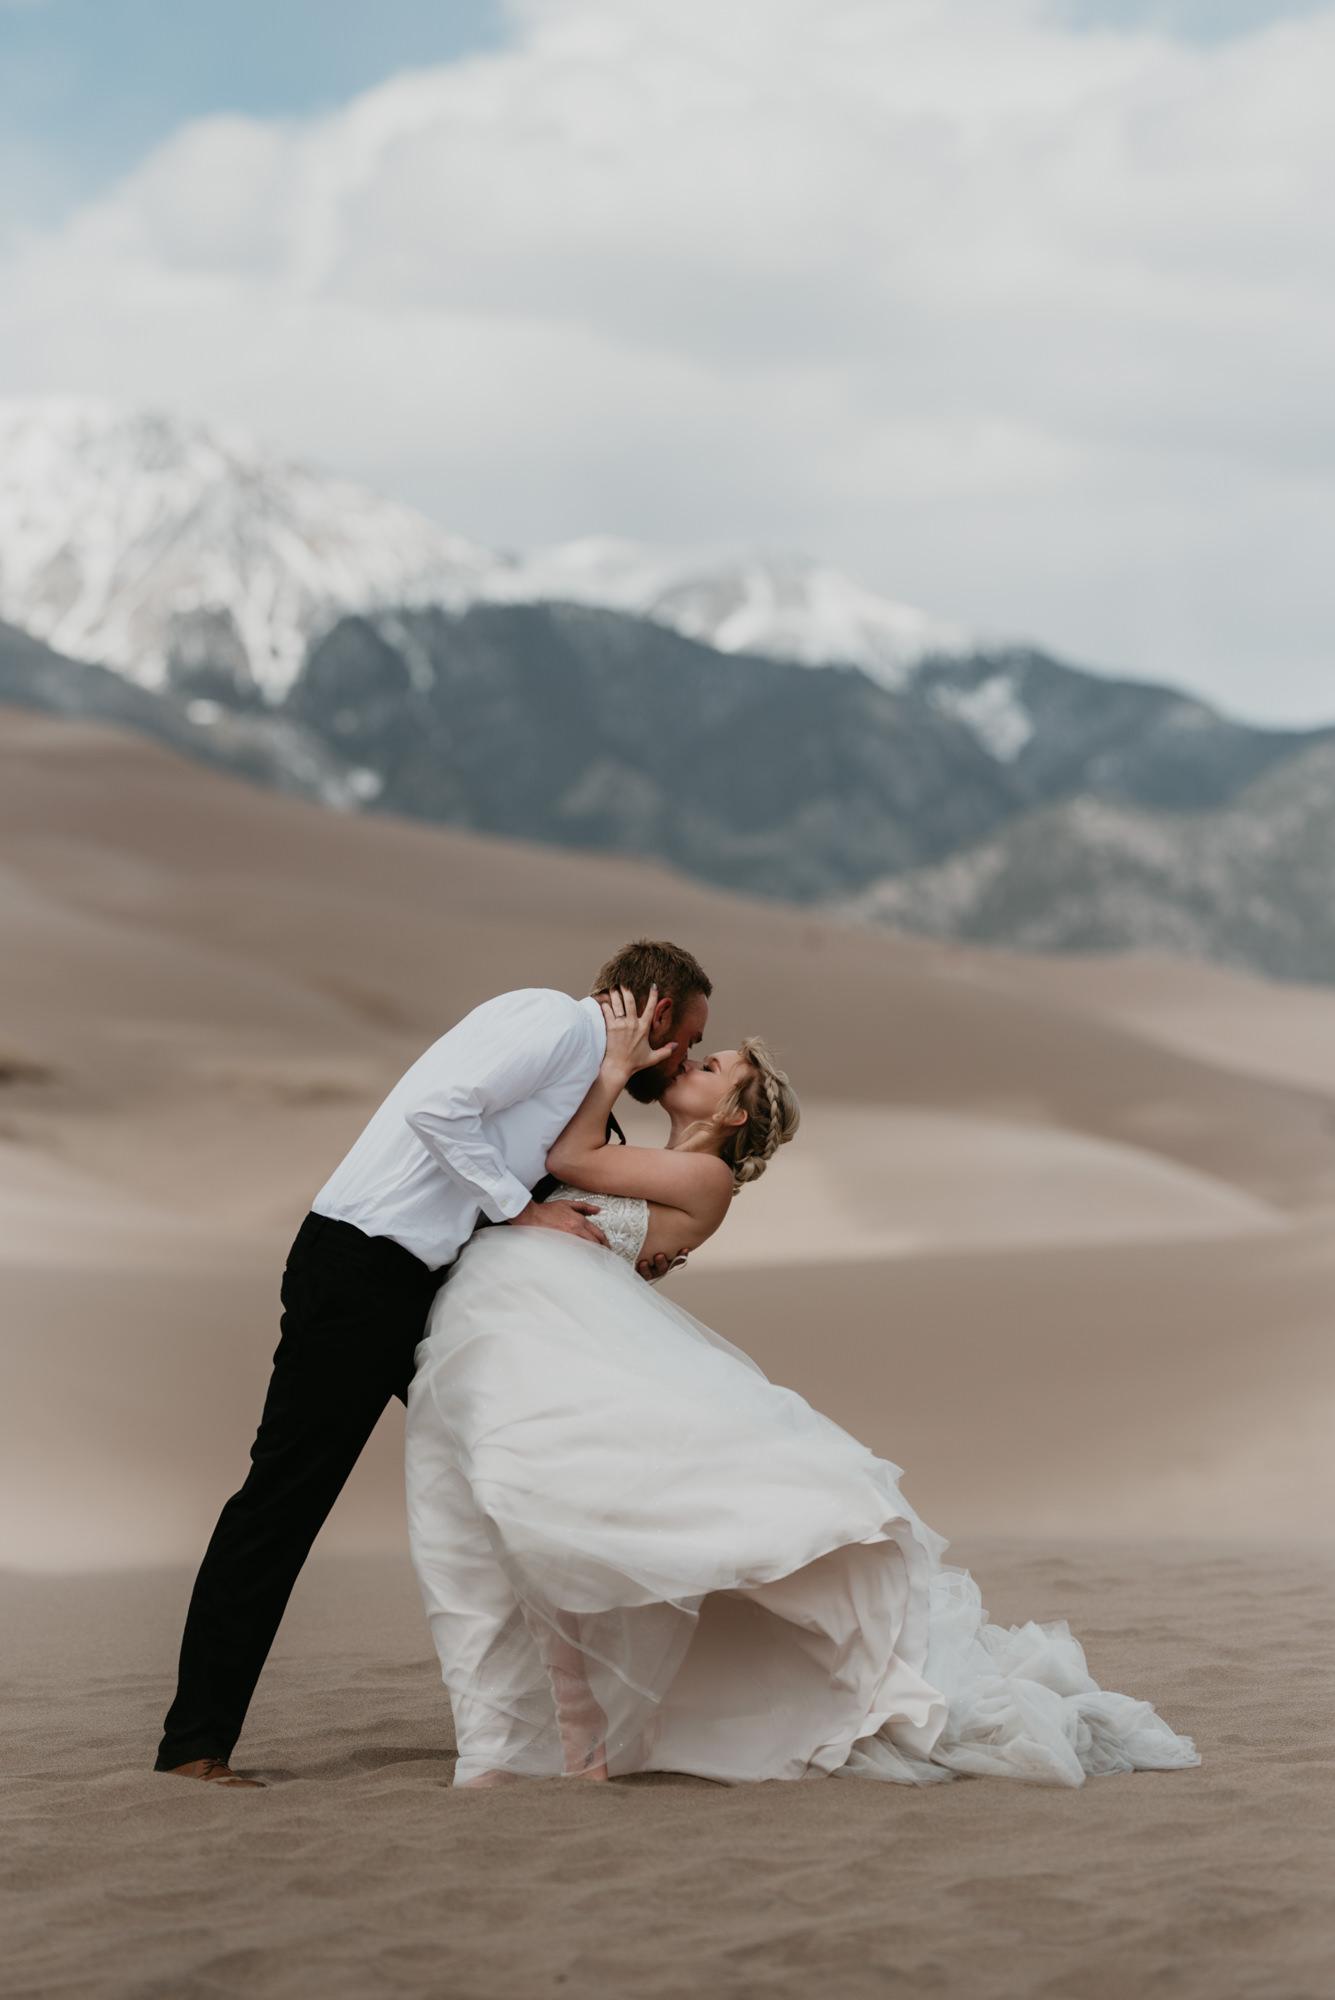 Doug dips Kaitlin in front of the Sangre de Cristo Mountains.